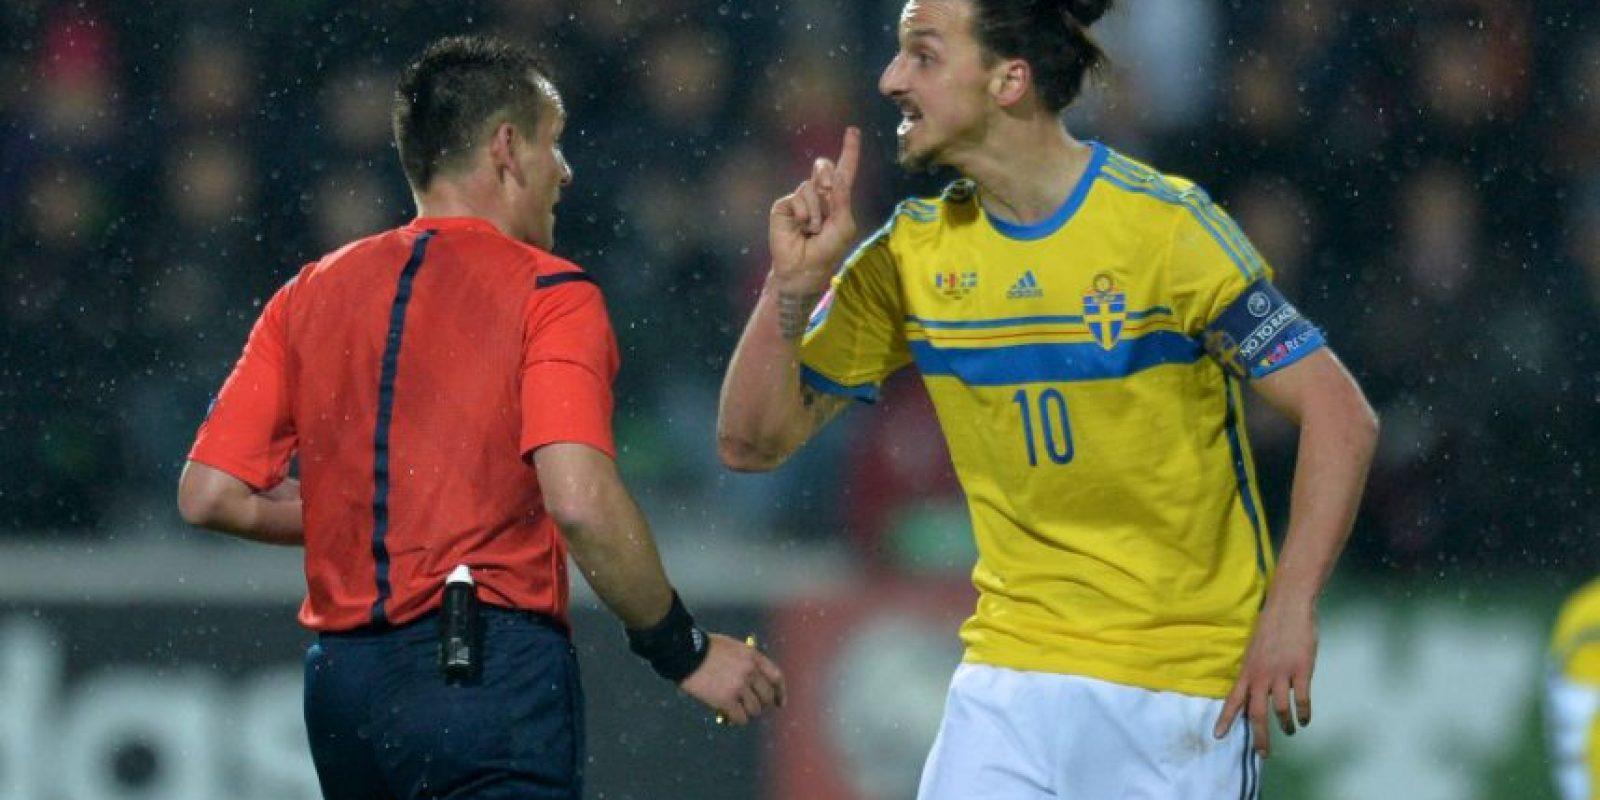 5. En 2013, cuando disputó con Suecia el repechaje de la UEFA ante Portugal, Zlatan Ibrahimovic aseguró que un Mundial sin él no valía la pena, luego de que su equipo fuera eliminado. Foto:AFP